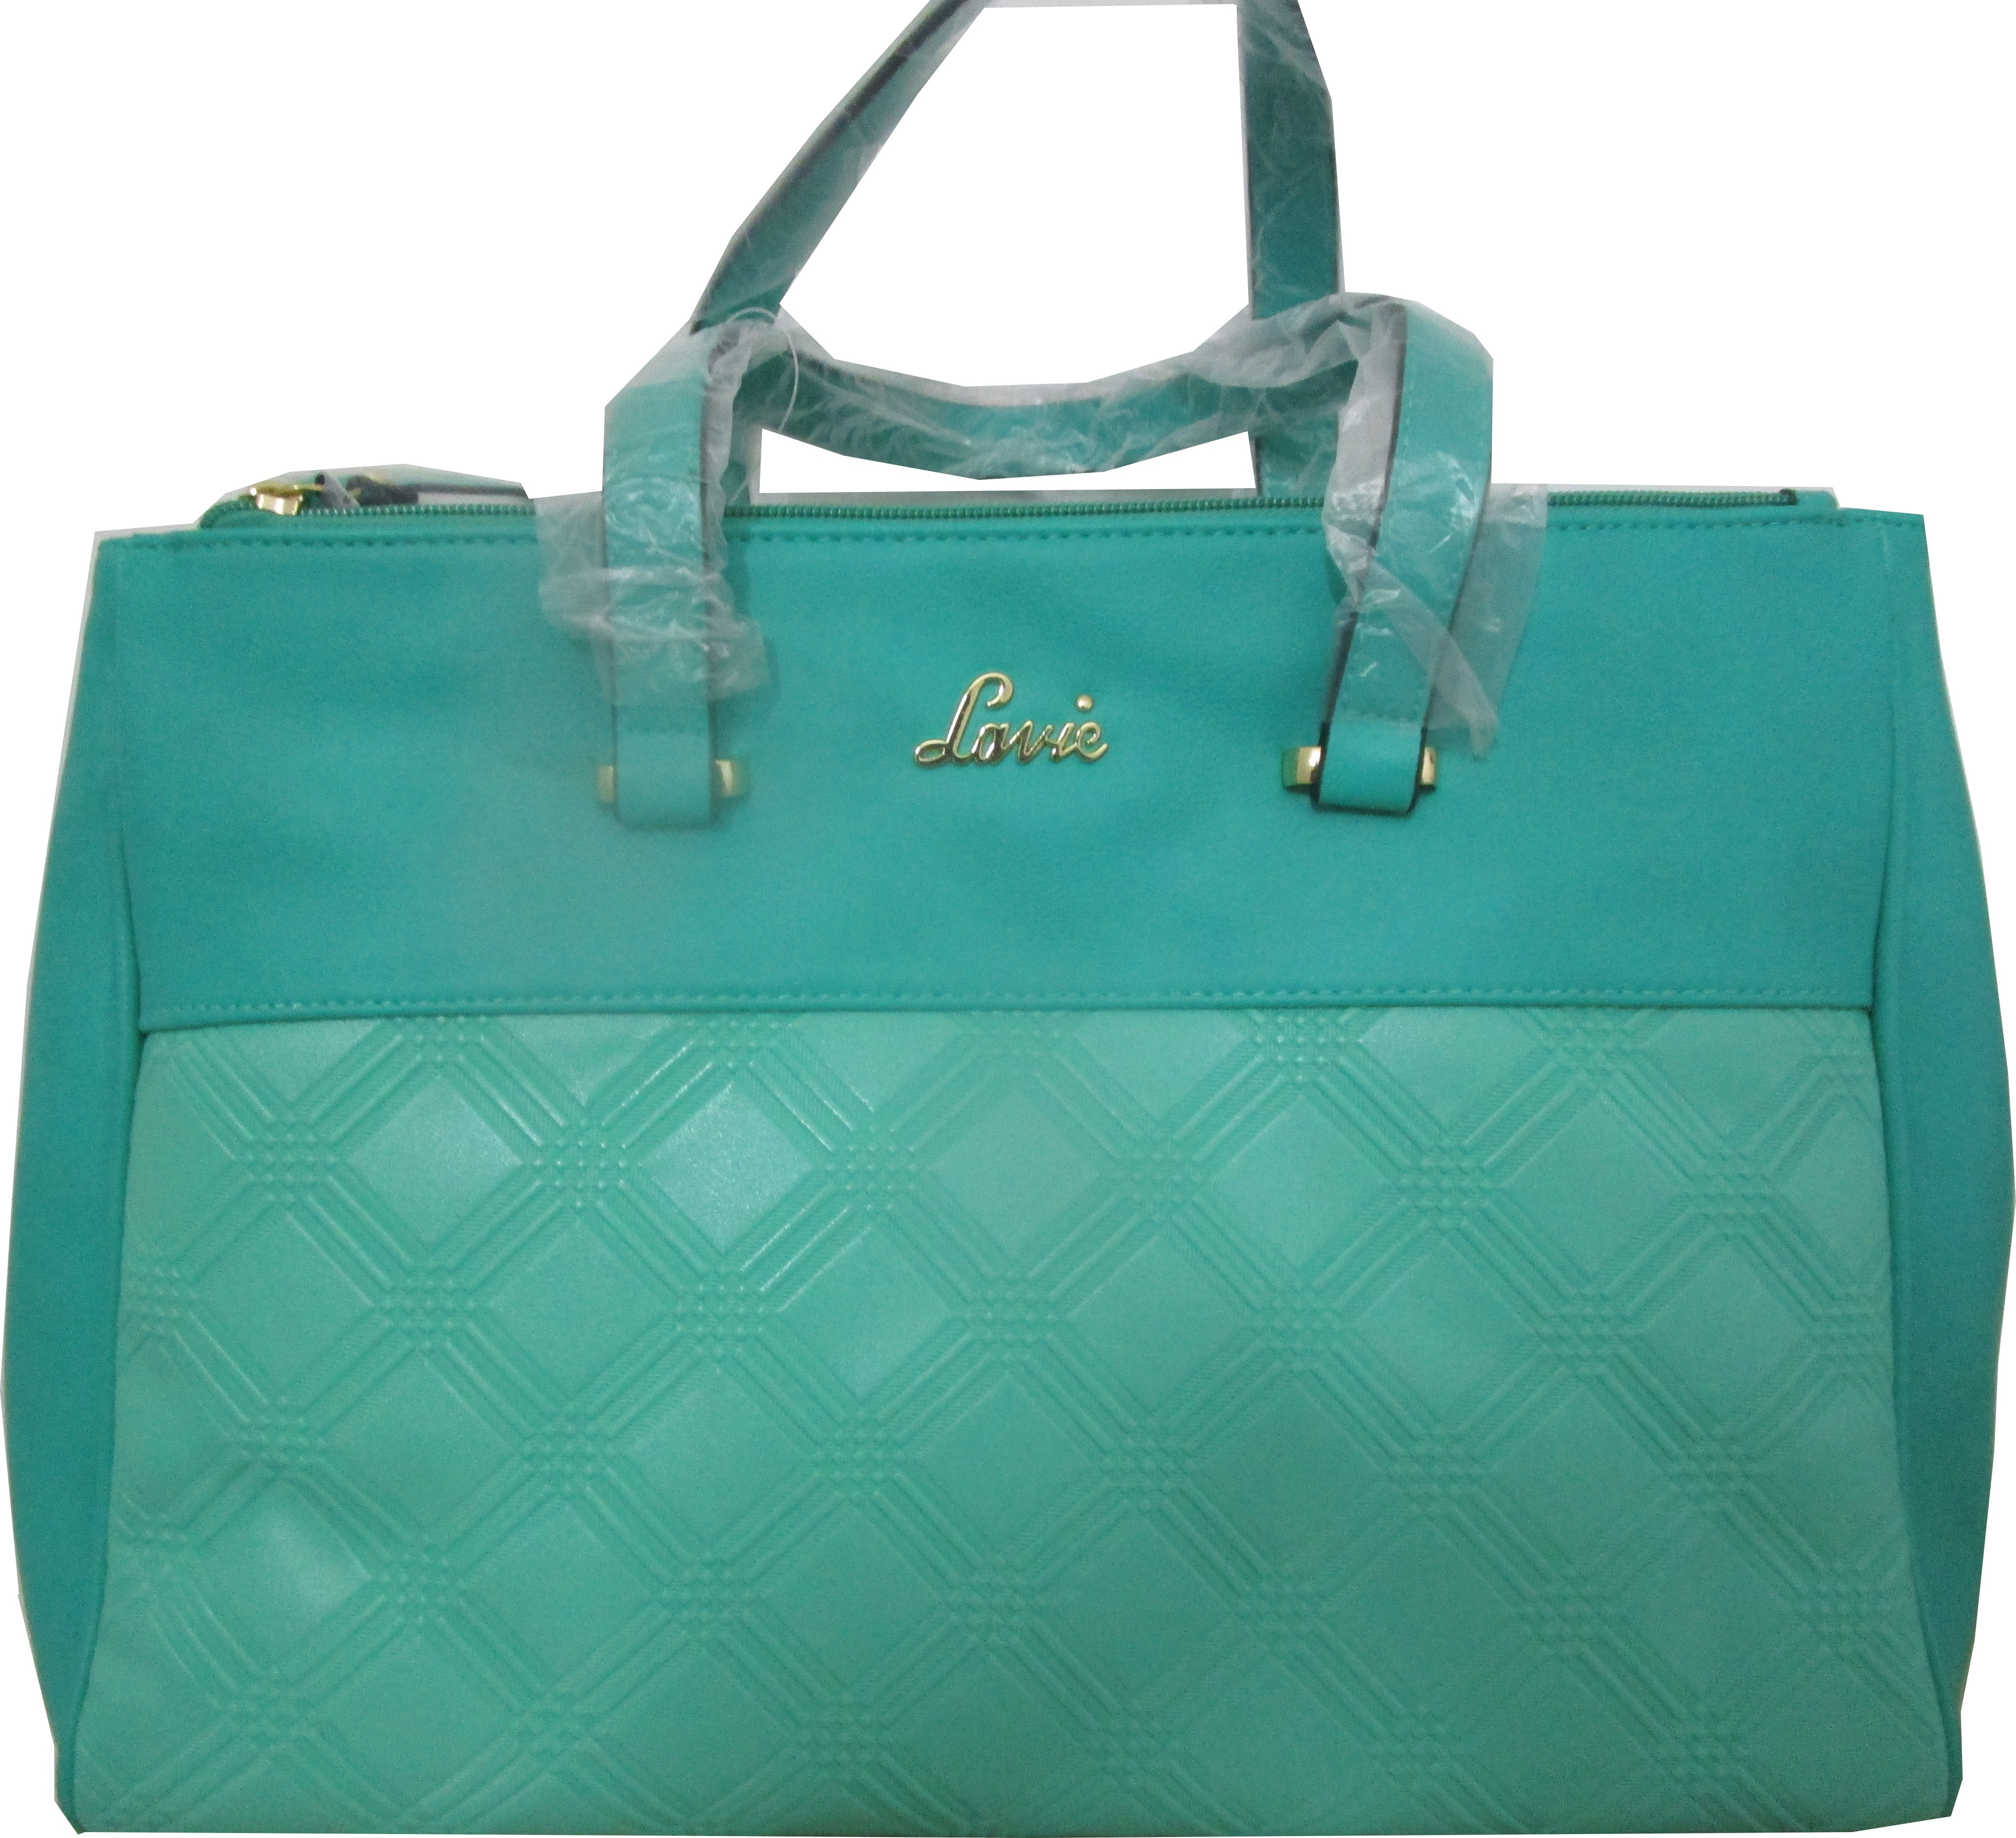 29fd06512 Lavie Sling Bag in Meerut